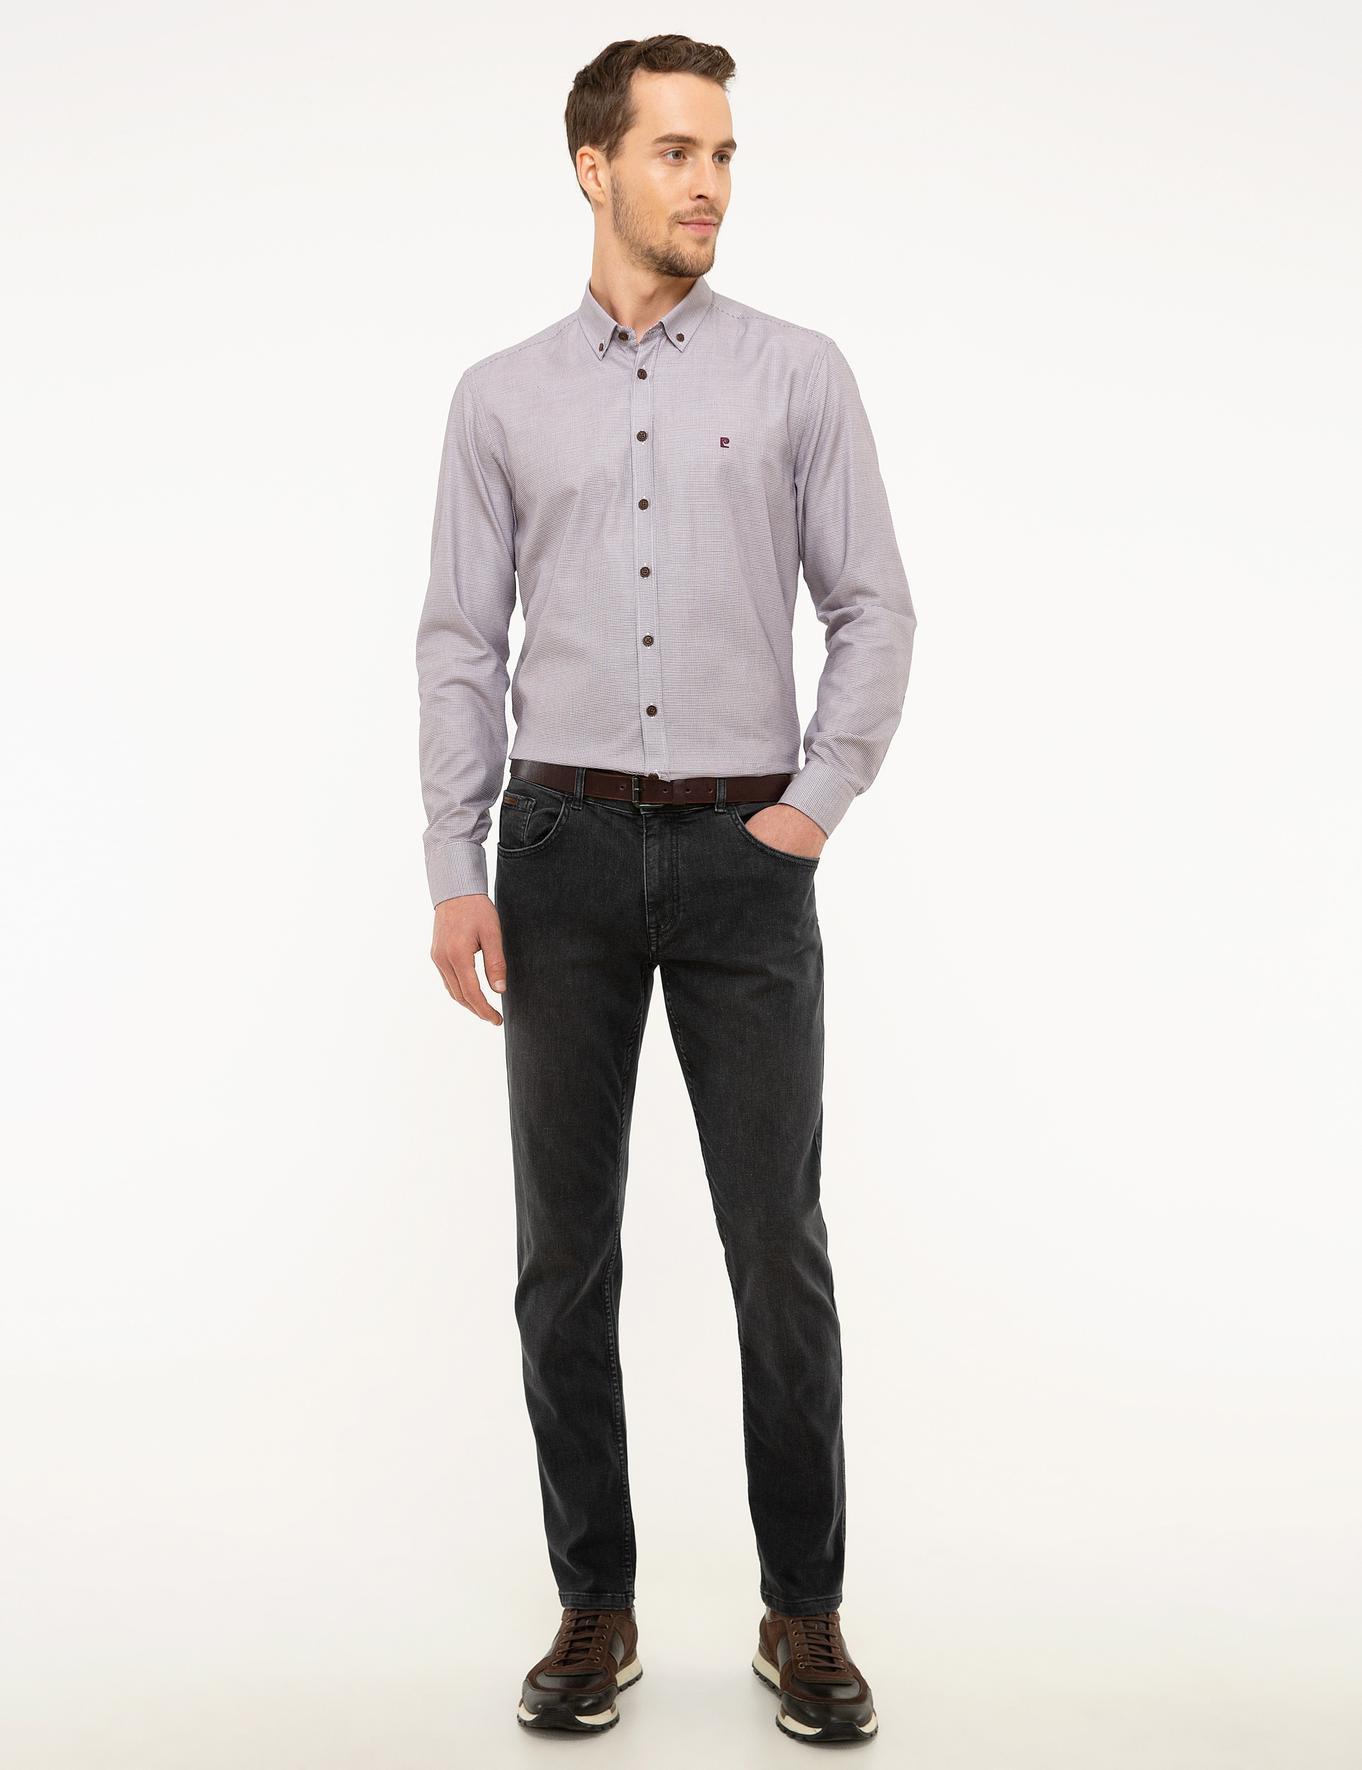 Füme Slim Fit Denim Pantolon